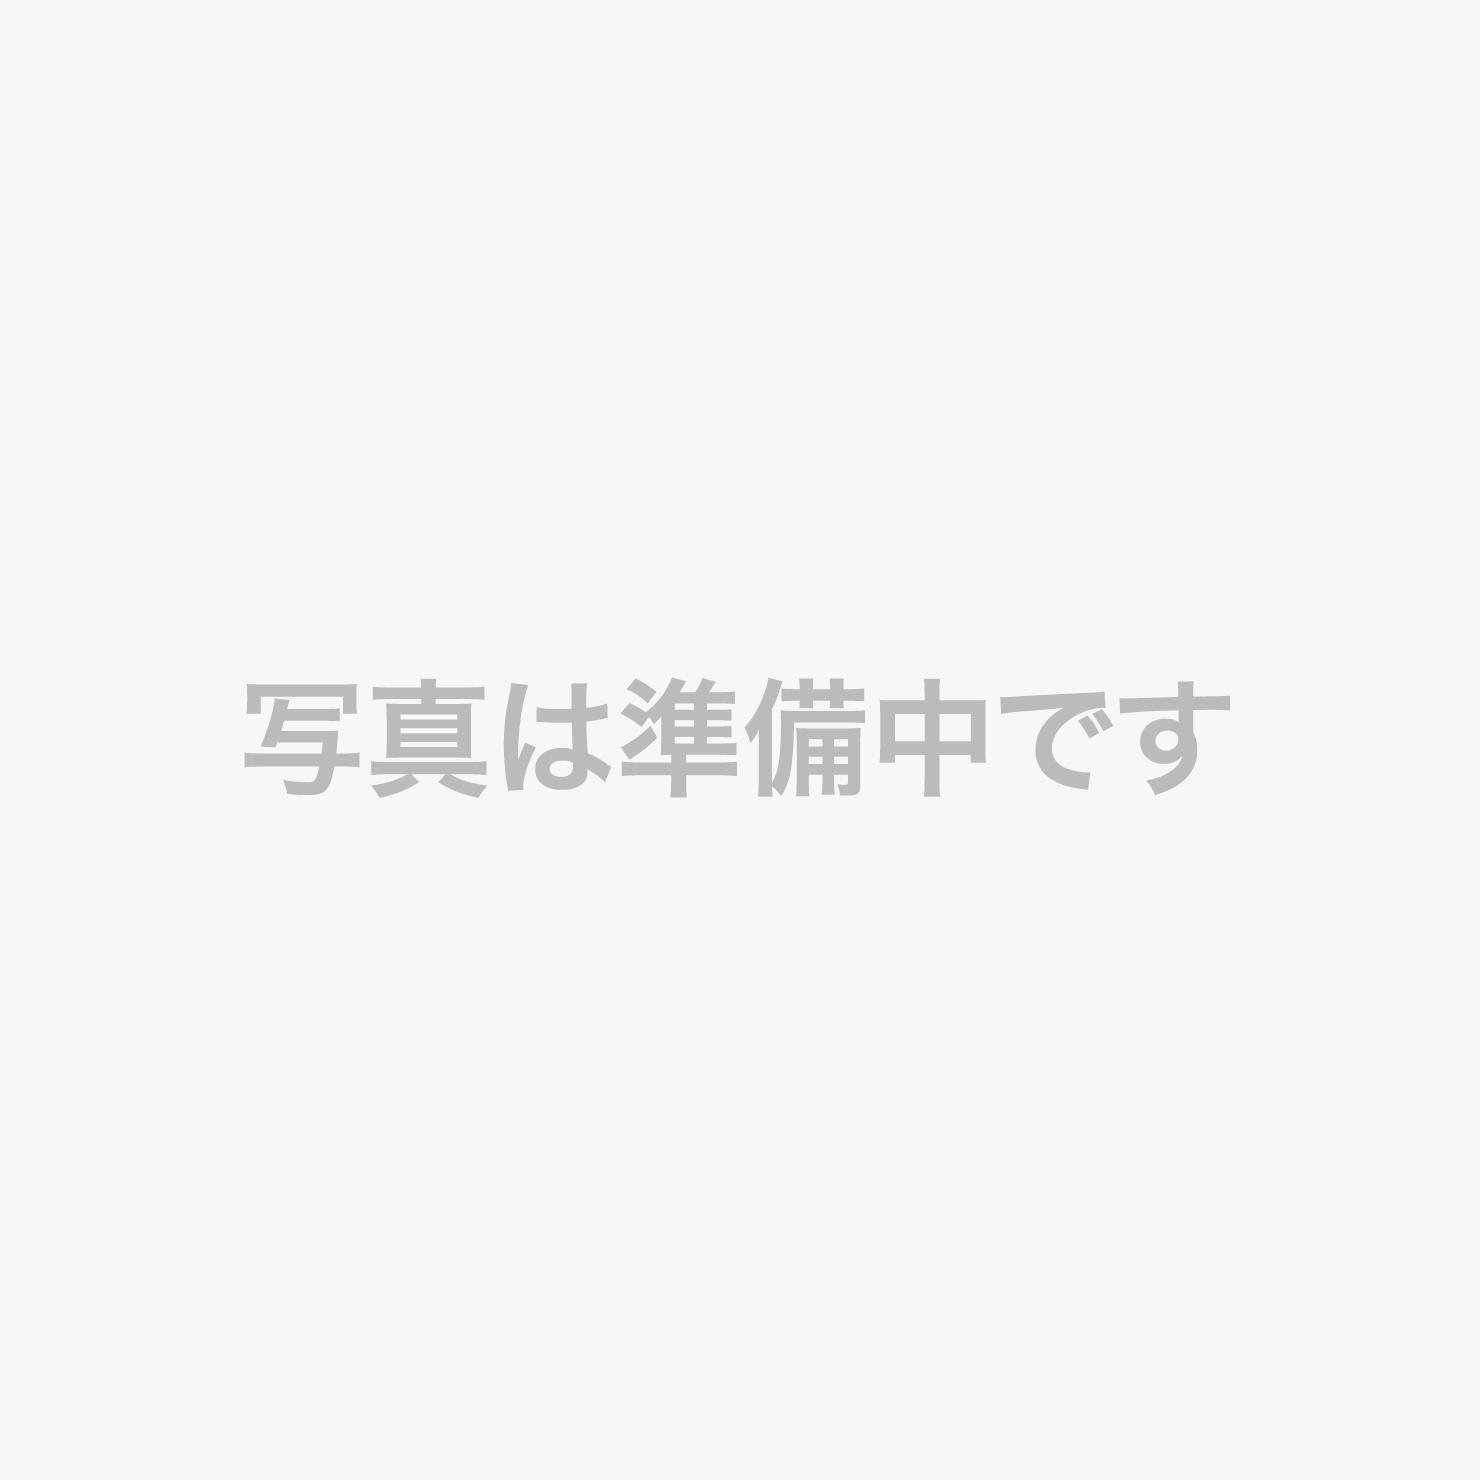 アルメリア夏のイベント!サマーカーニバル!!